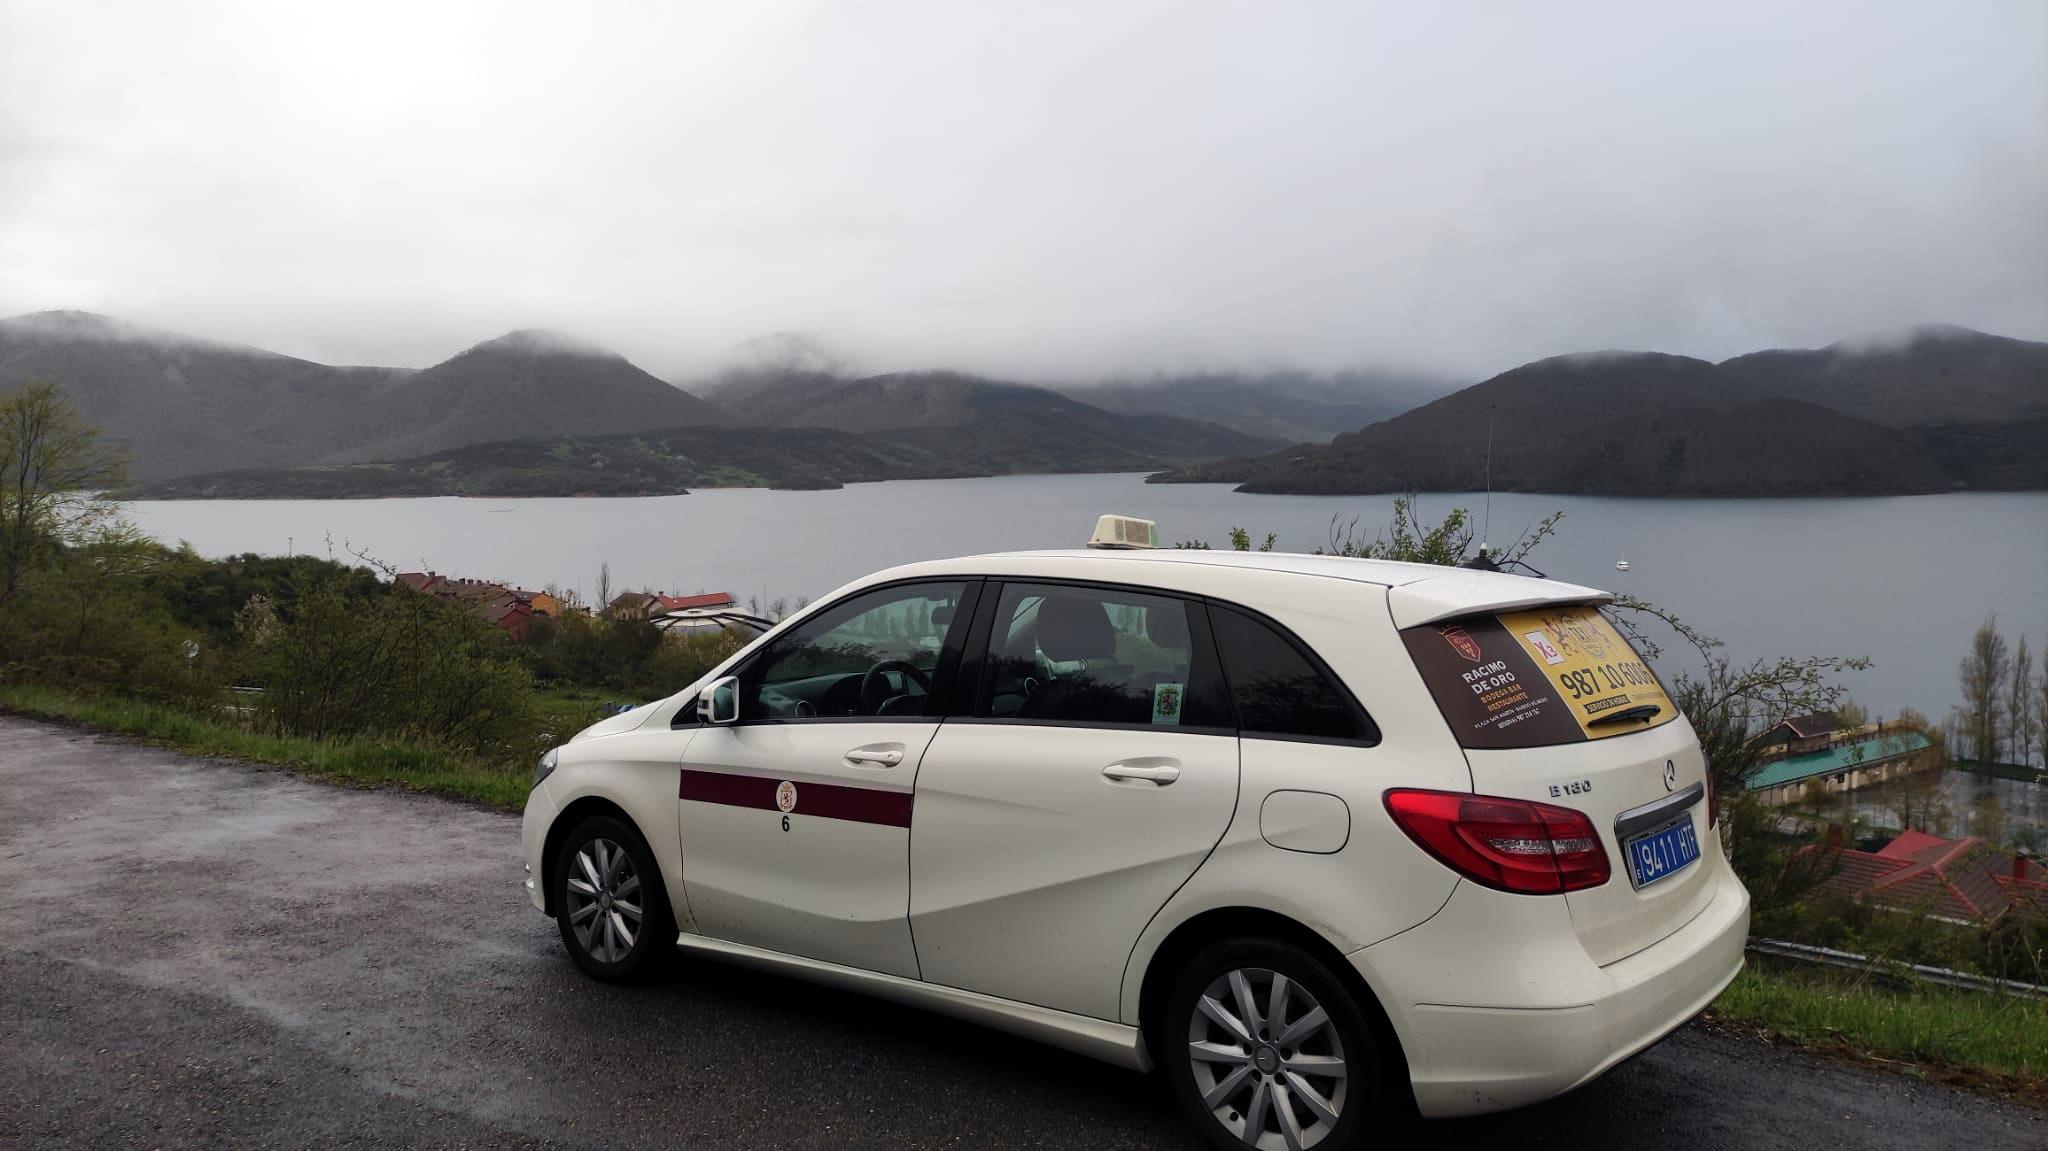 taxi Puertollano Montaña